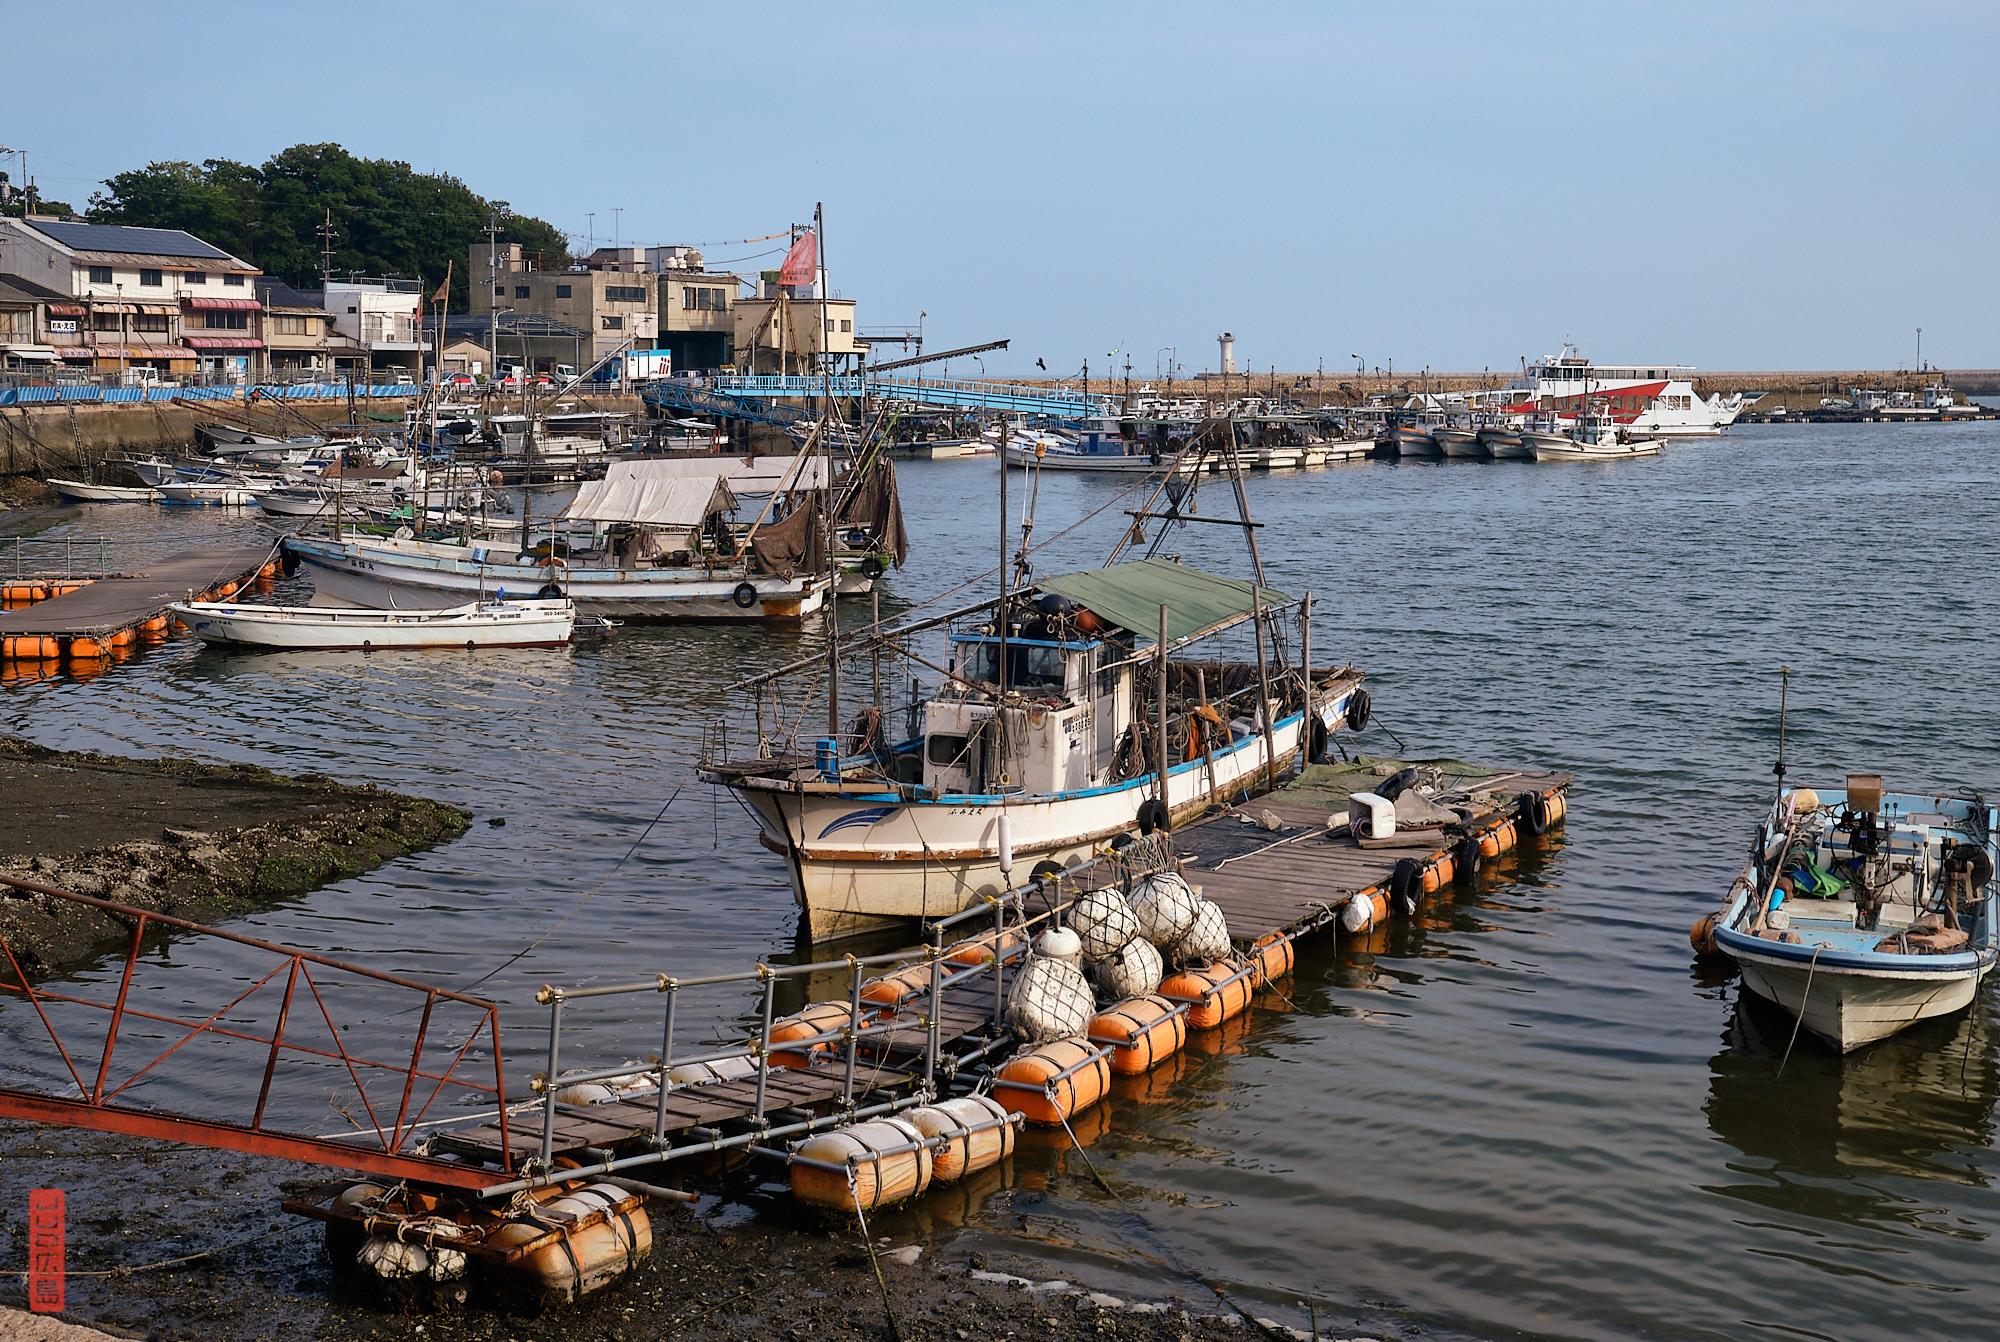 le port de Tomo-no-Ura, préfecture d'Hiroshima